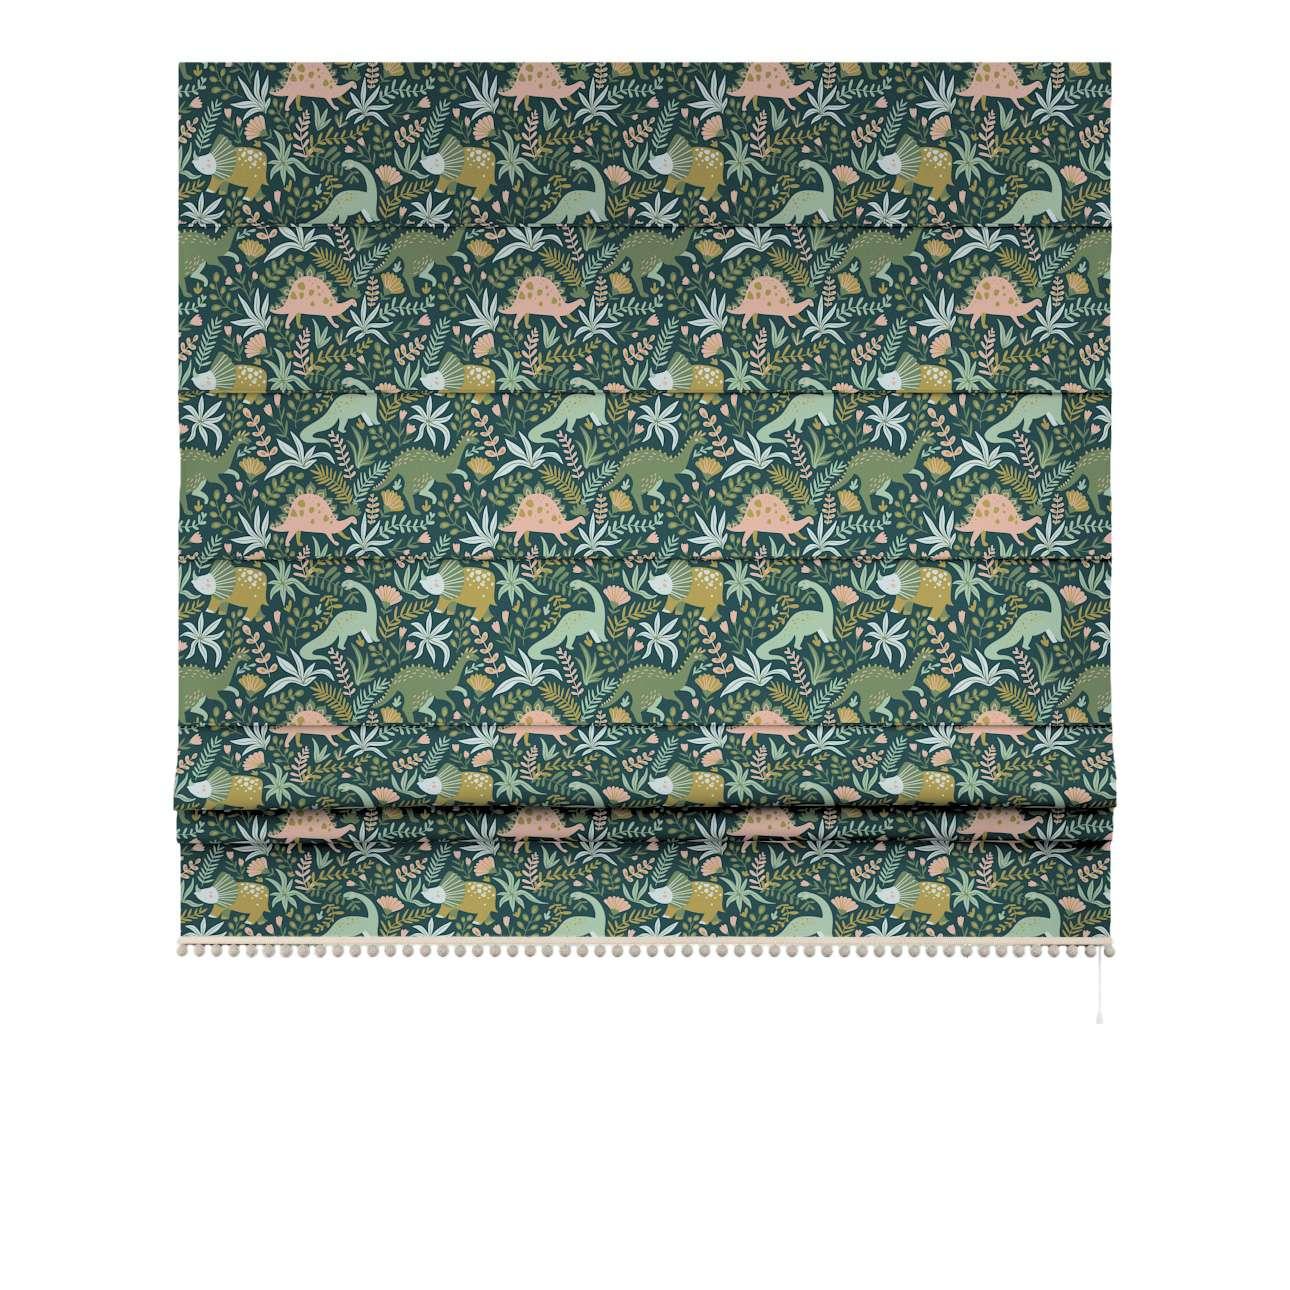 Raffrollo mit Bommeln von der Kollektion Magic Collection, Stoff: 500-20